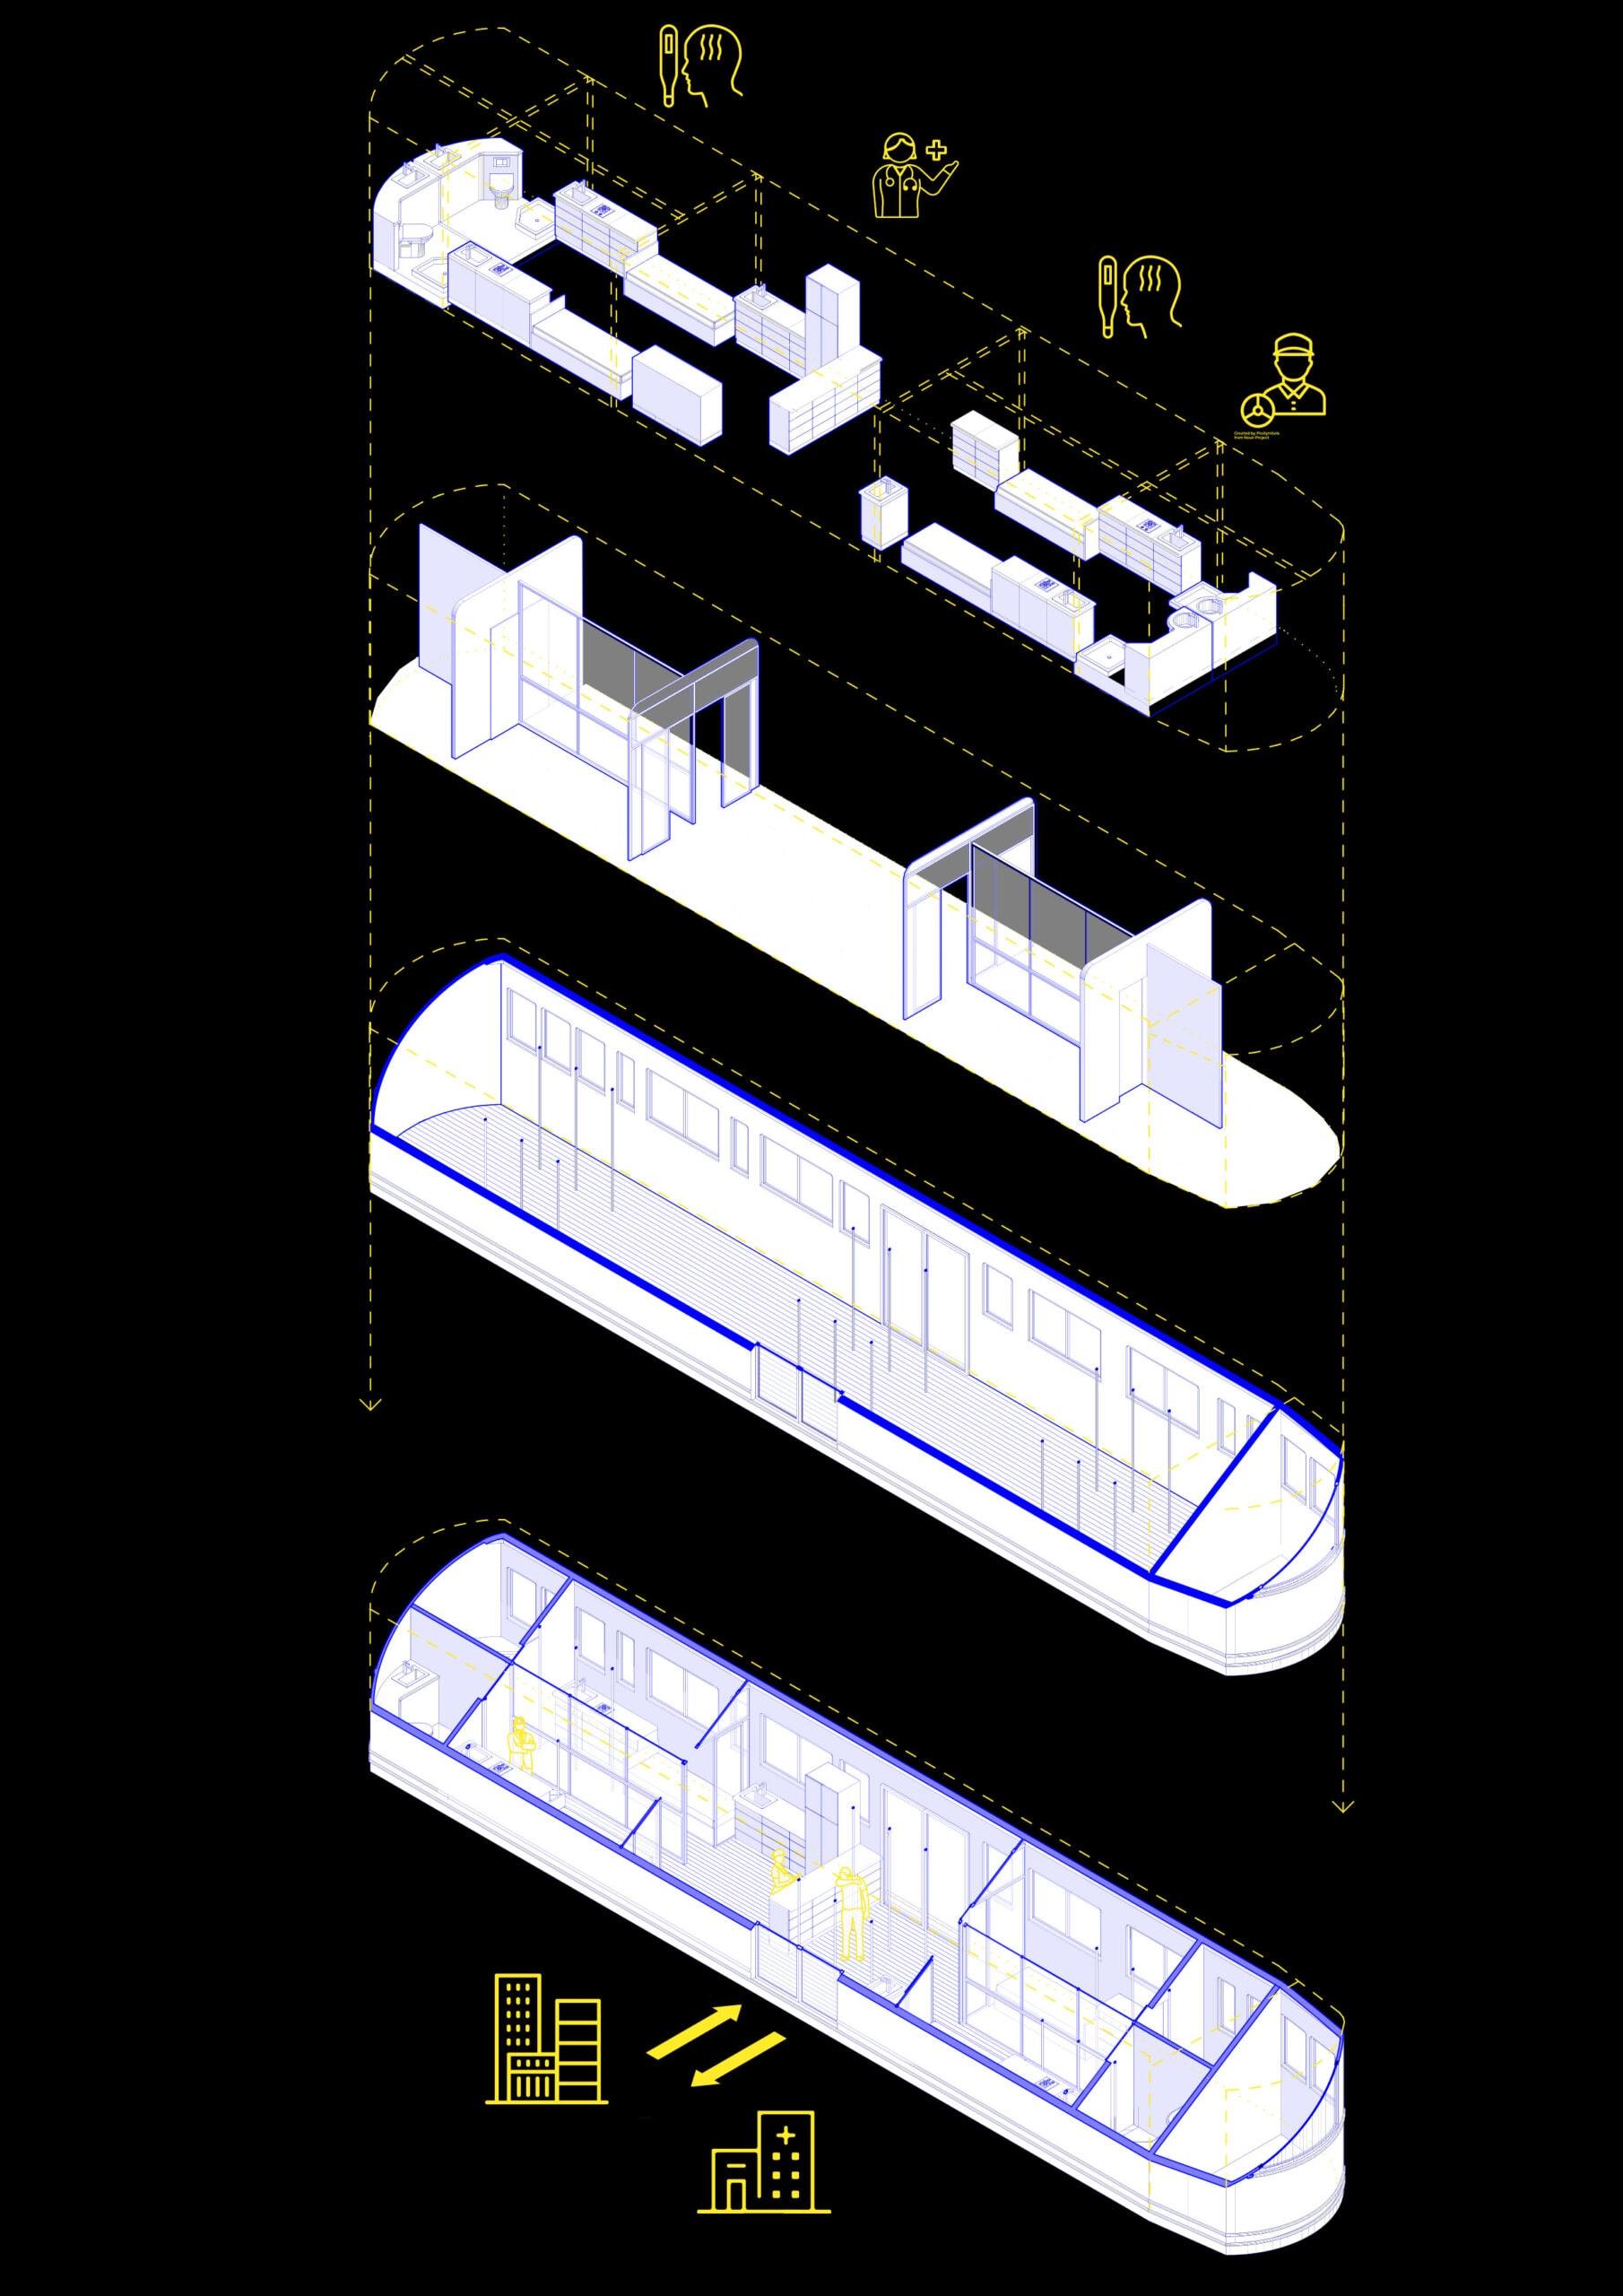 18268_Sanitizing tram_Functional